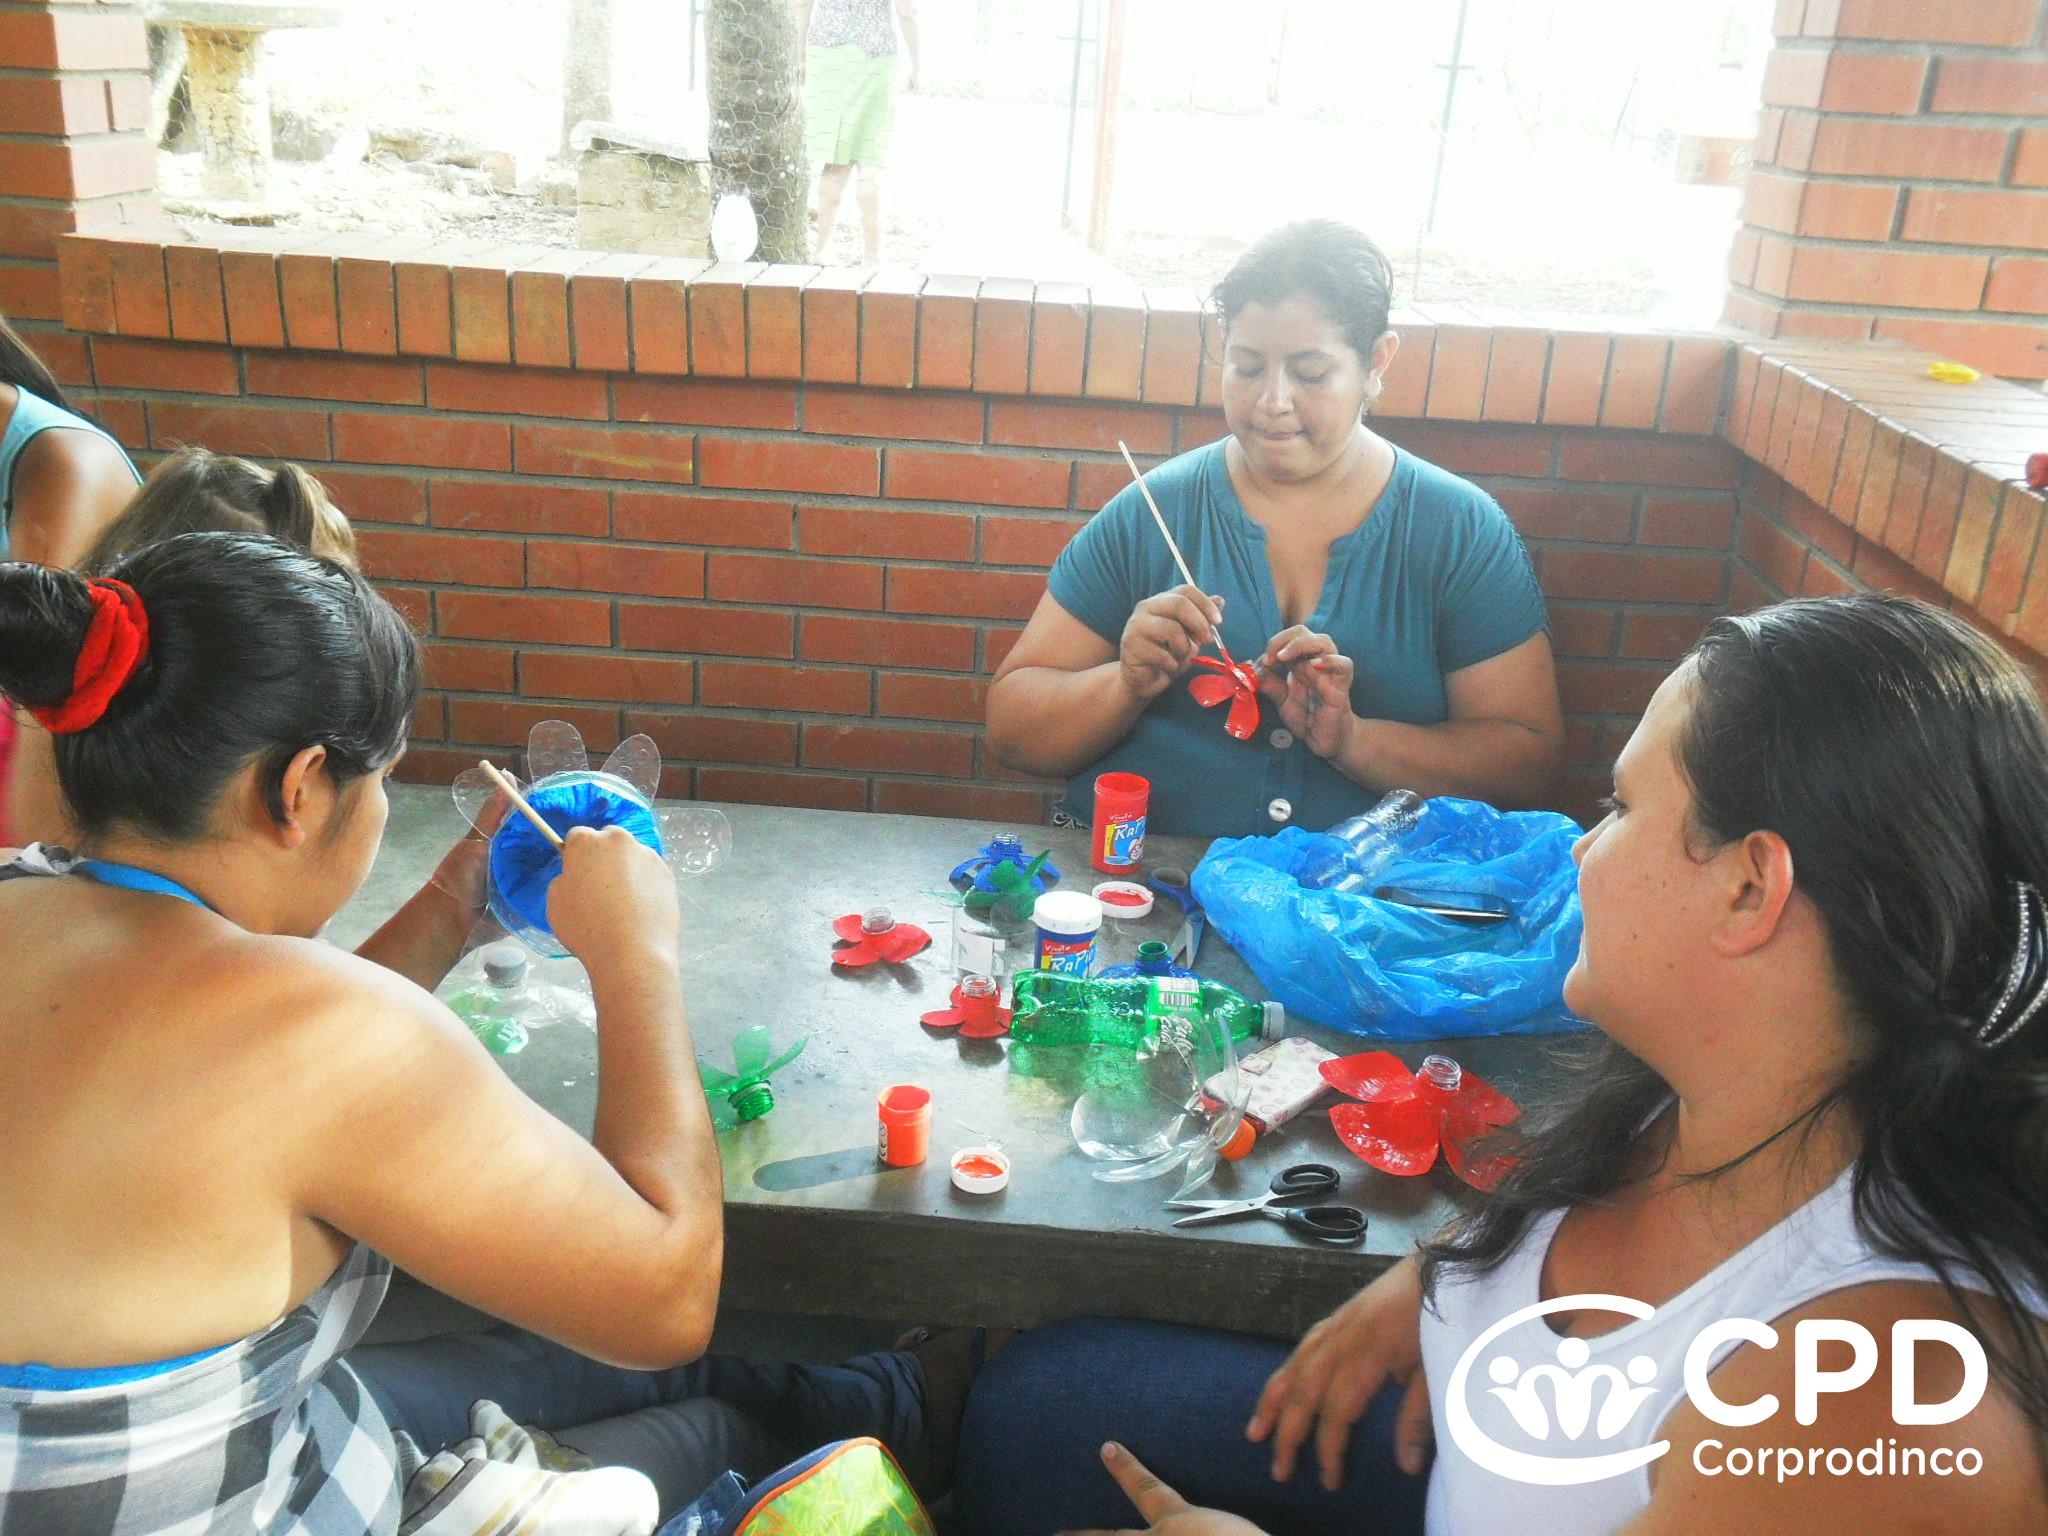 – Corprodinco Reciclable Material Con Juguetes R34qAL5j